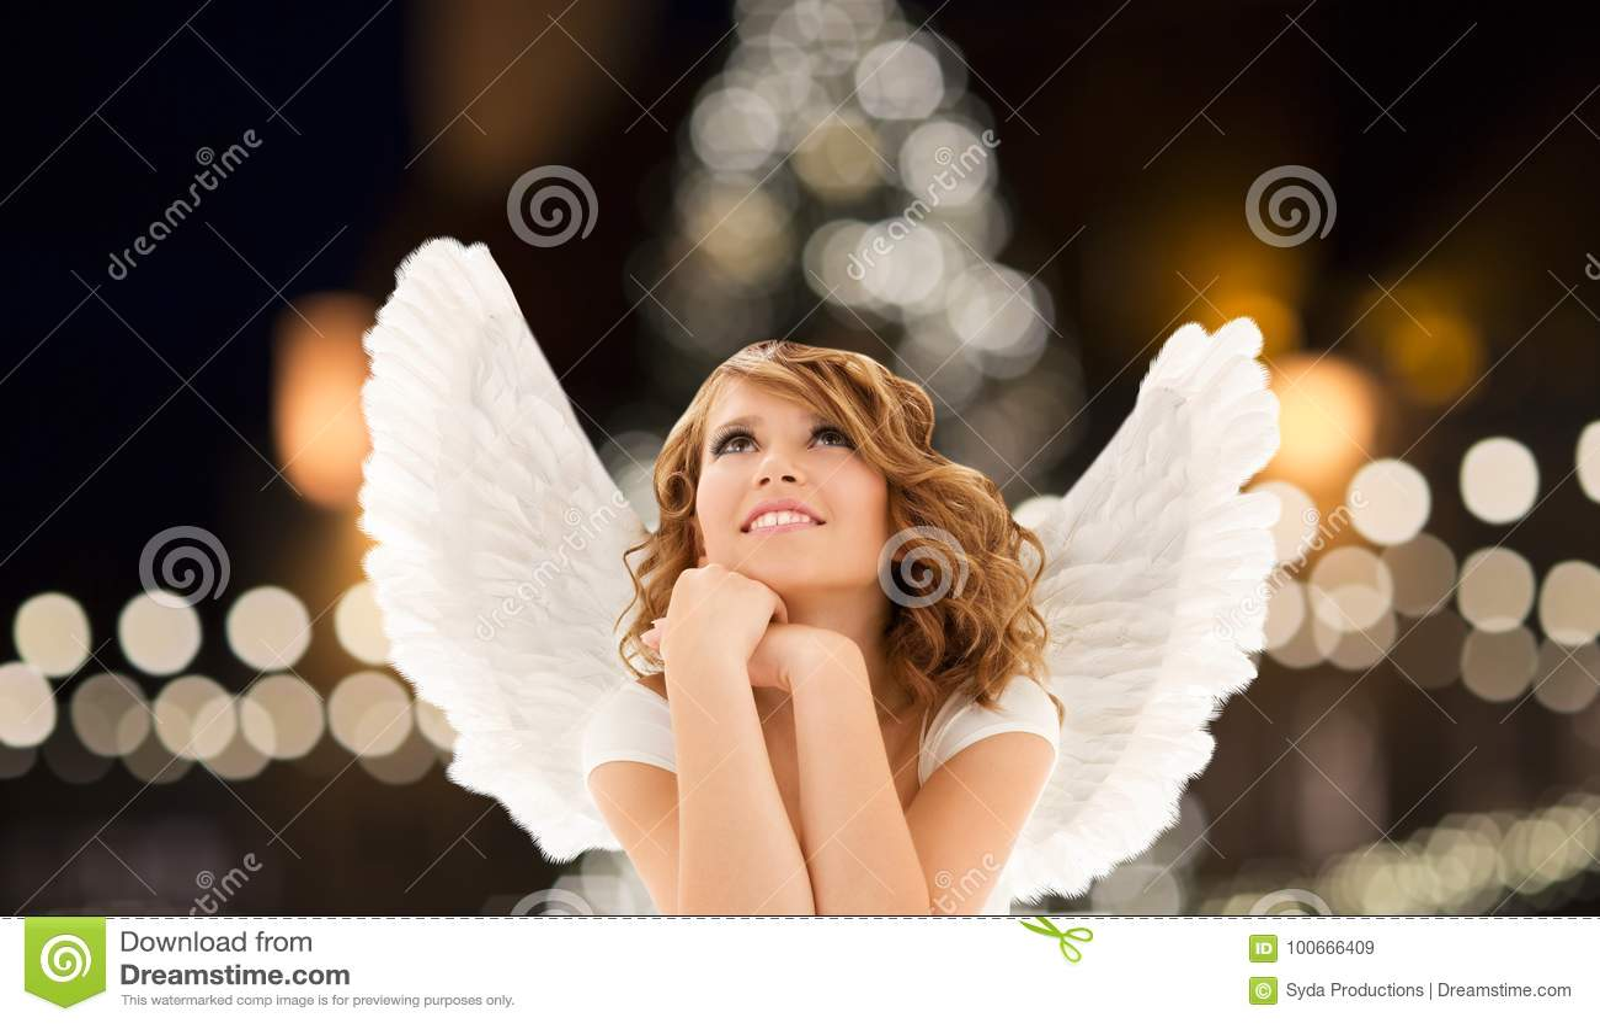 Szczęśliwa kobieta z aniołem uskrzydla nad bożonarodzeniowe światła